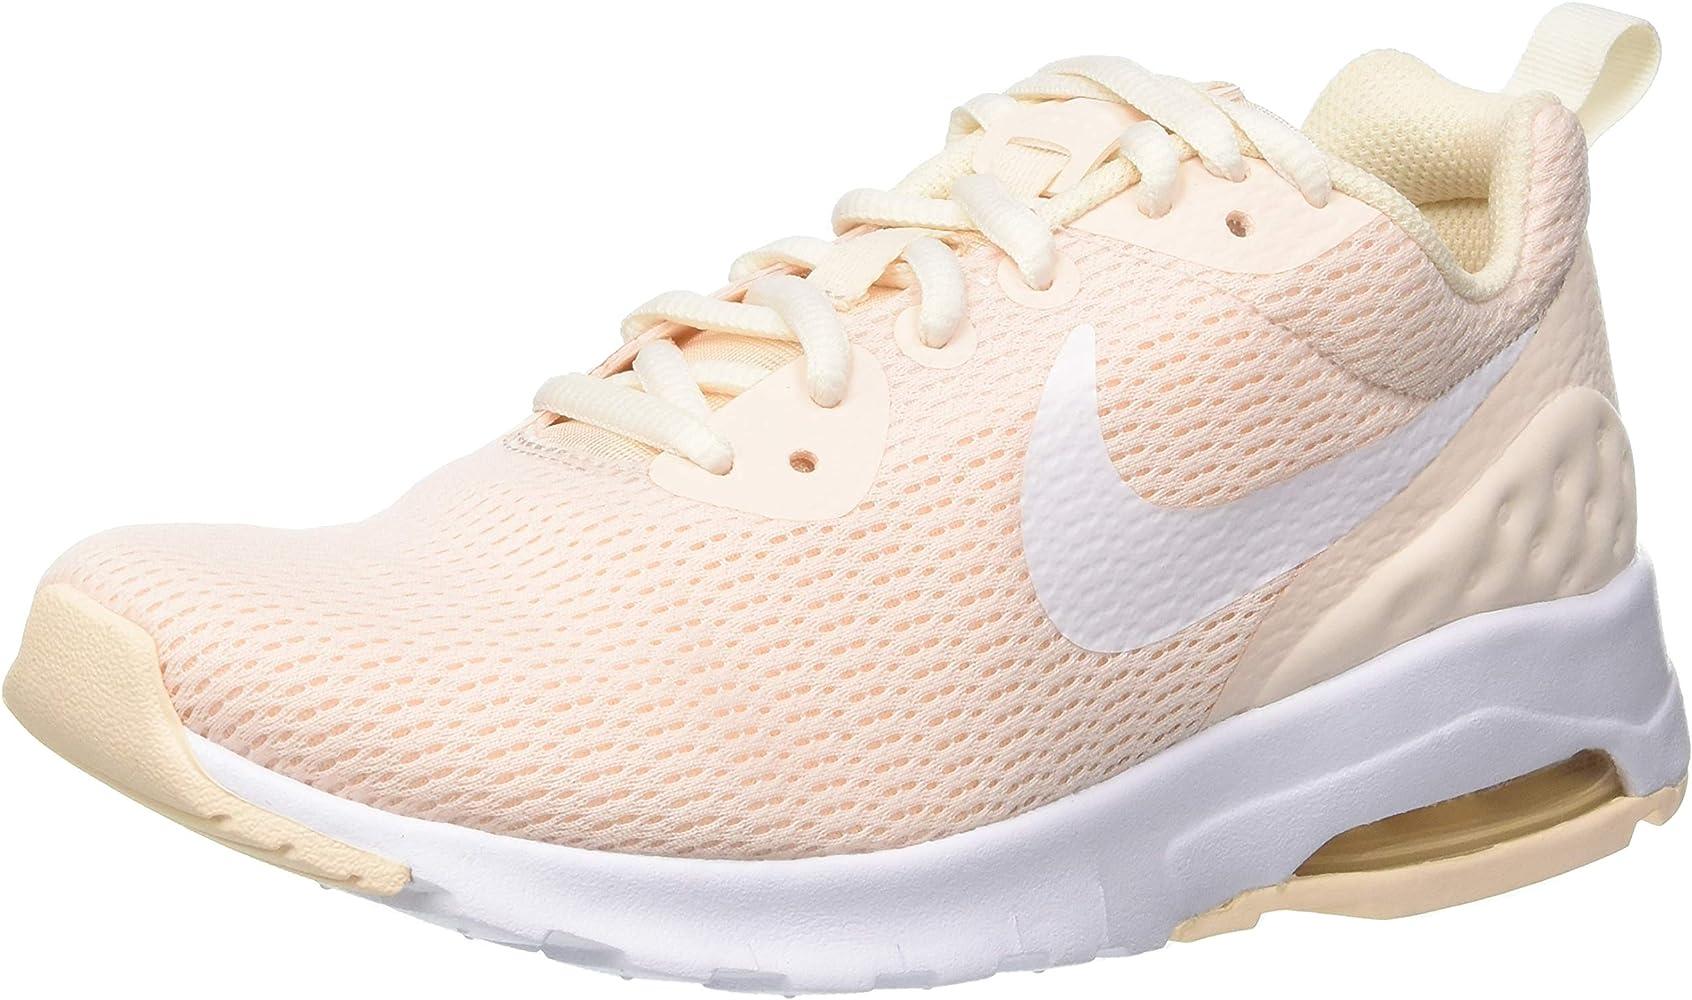 Zapatillas Nike Air Max Motion Rosa Mujer